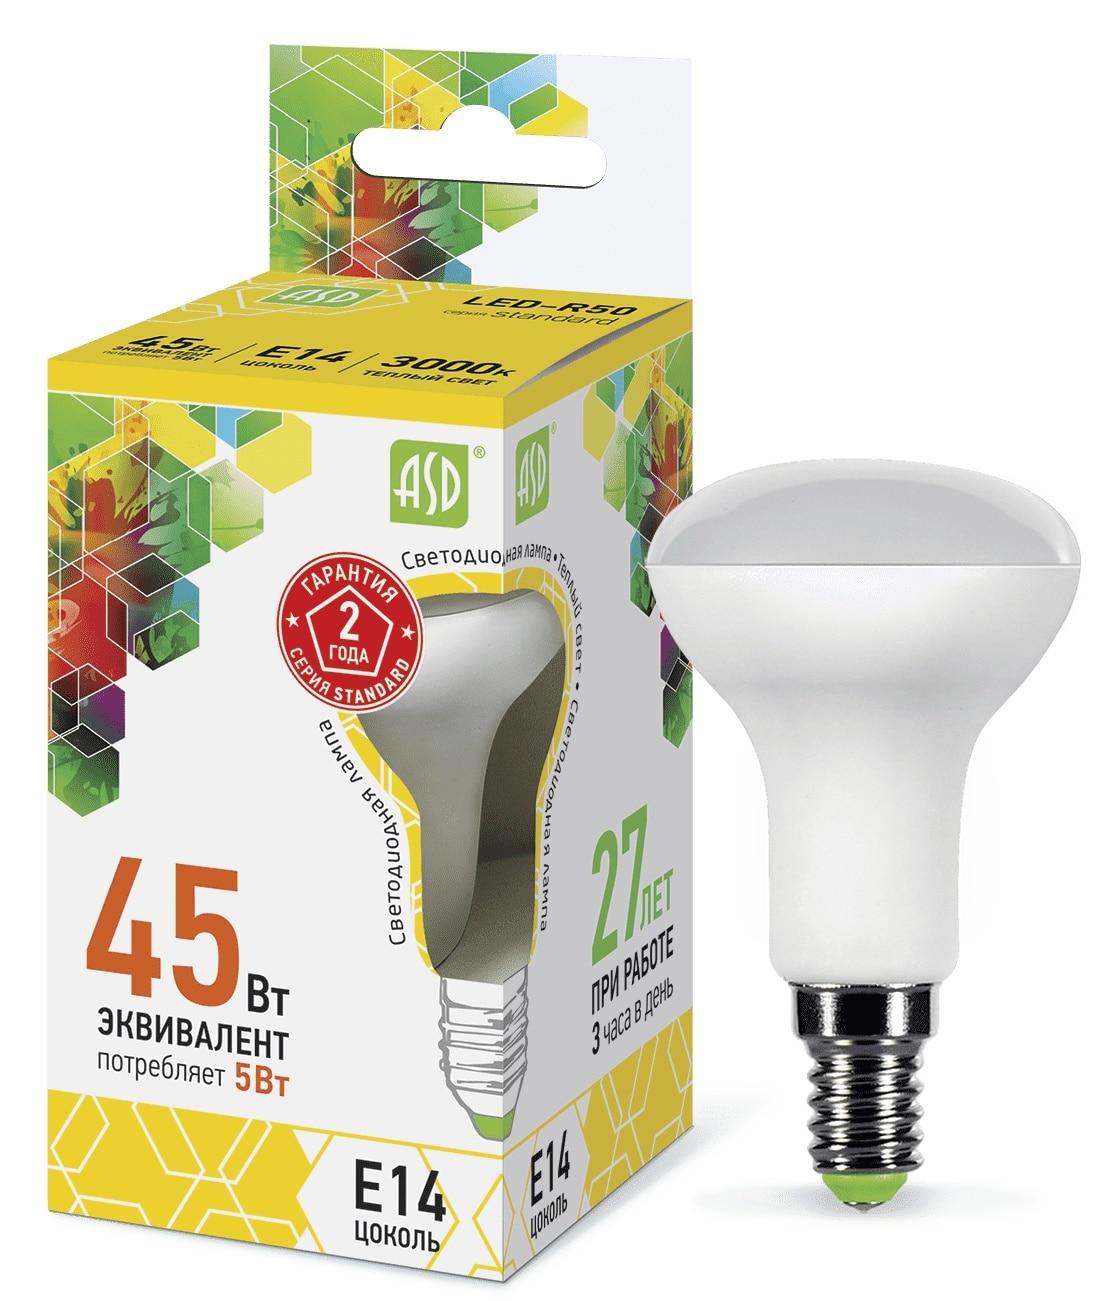 Lámpara led led-r50-standard 5w 160-260v E14 3000 K 450lm ASD 4690612001531 Luz LED de techo Yeelight 480, APP inteligente, WiFi y Bluetooth, luz de techo, control remoto para sala de estar y Google Home